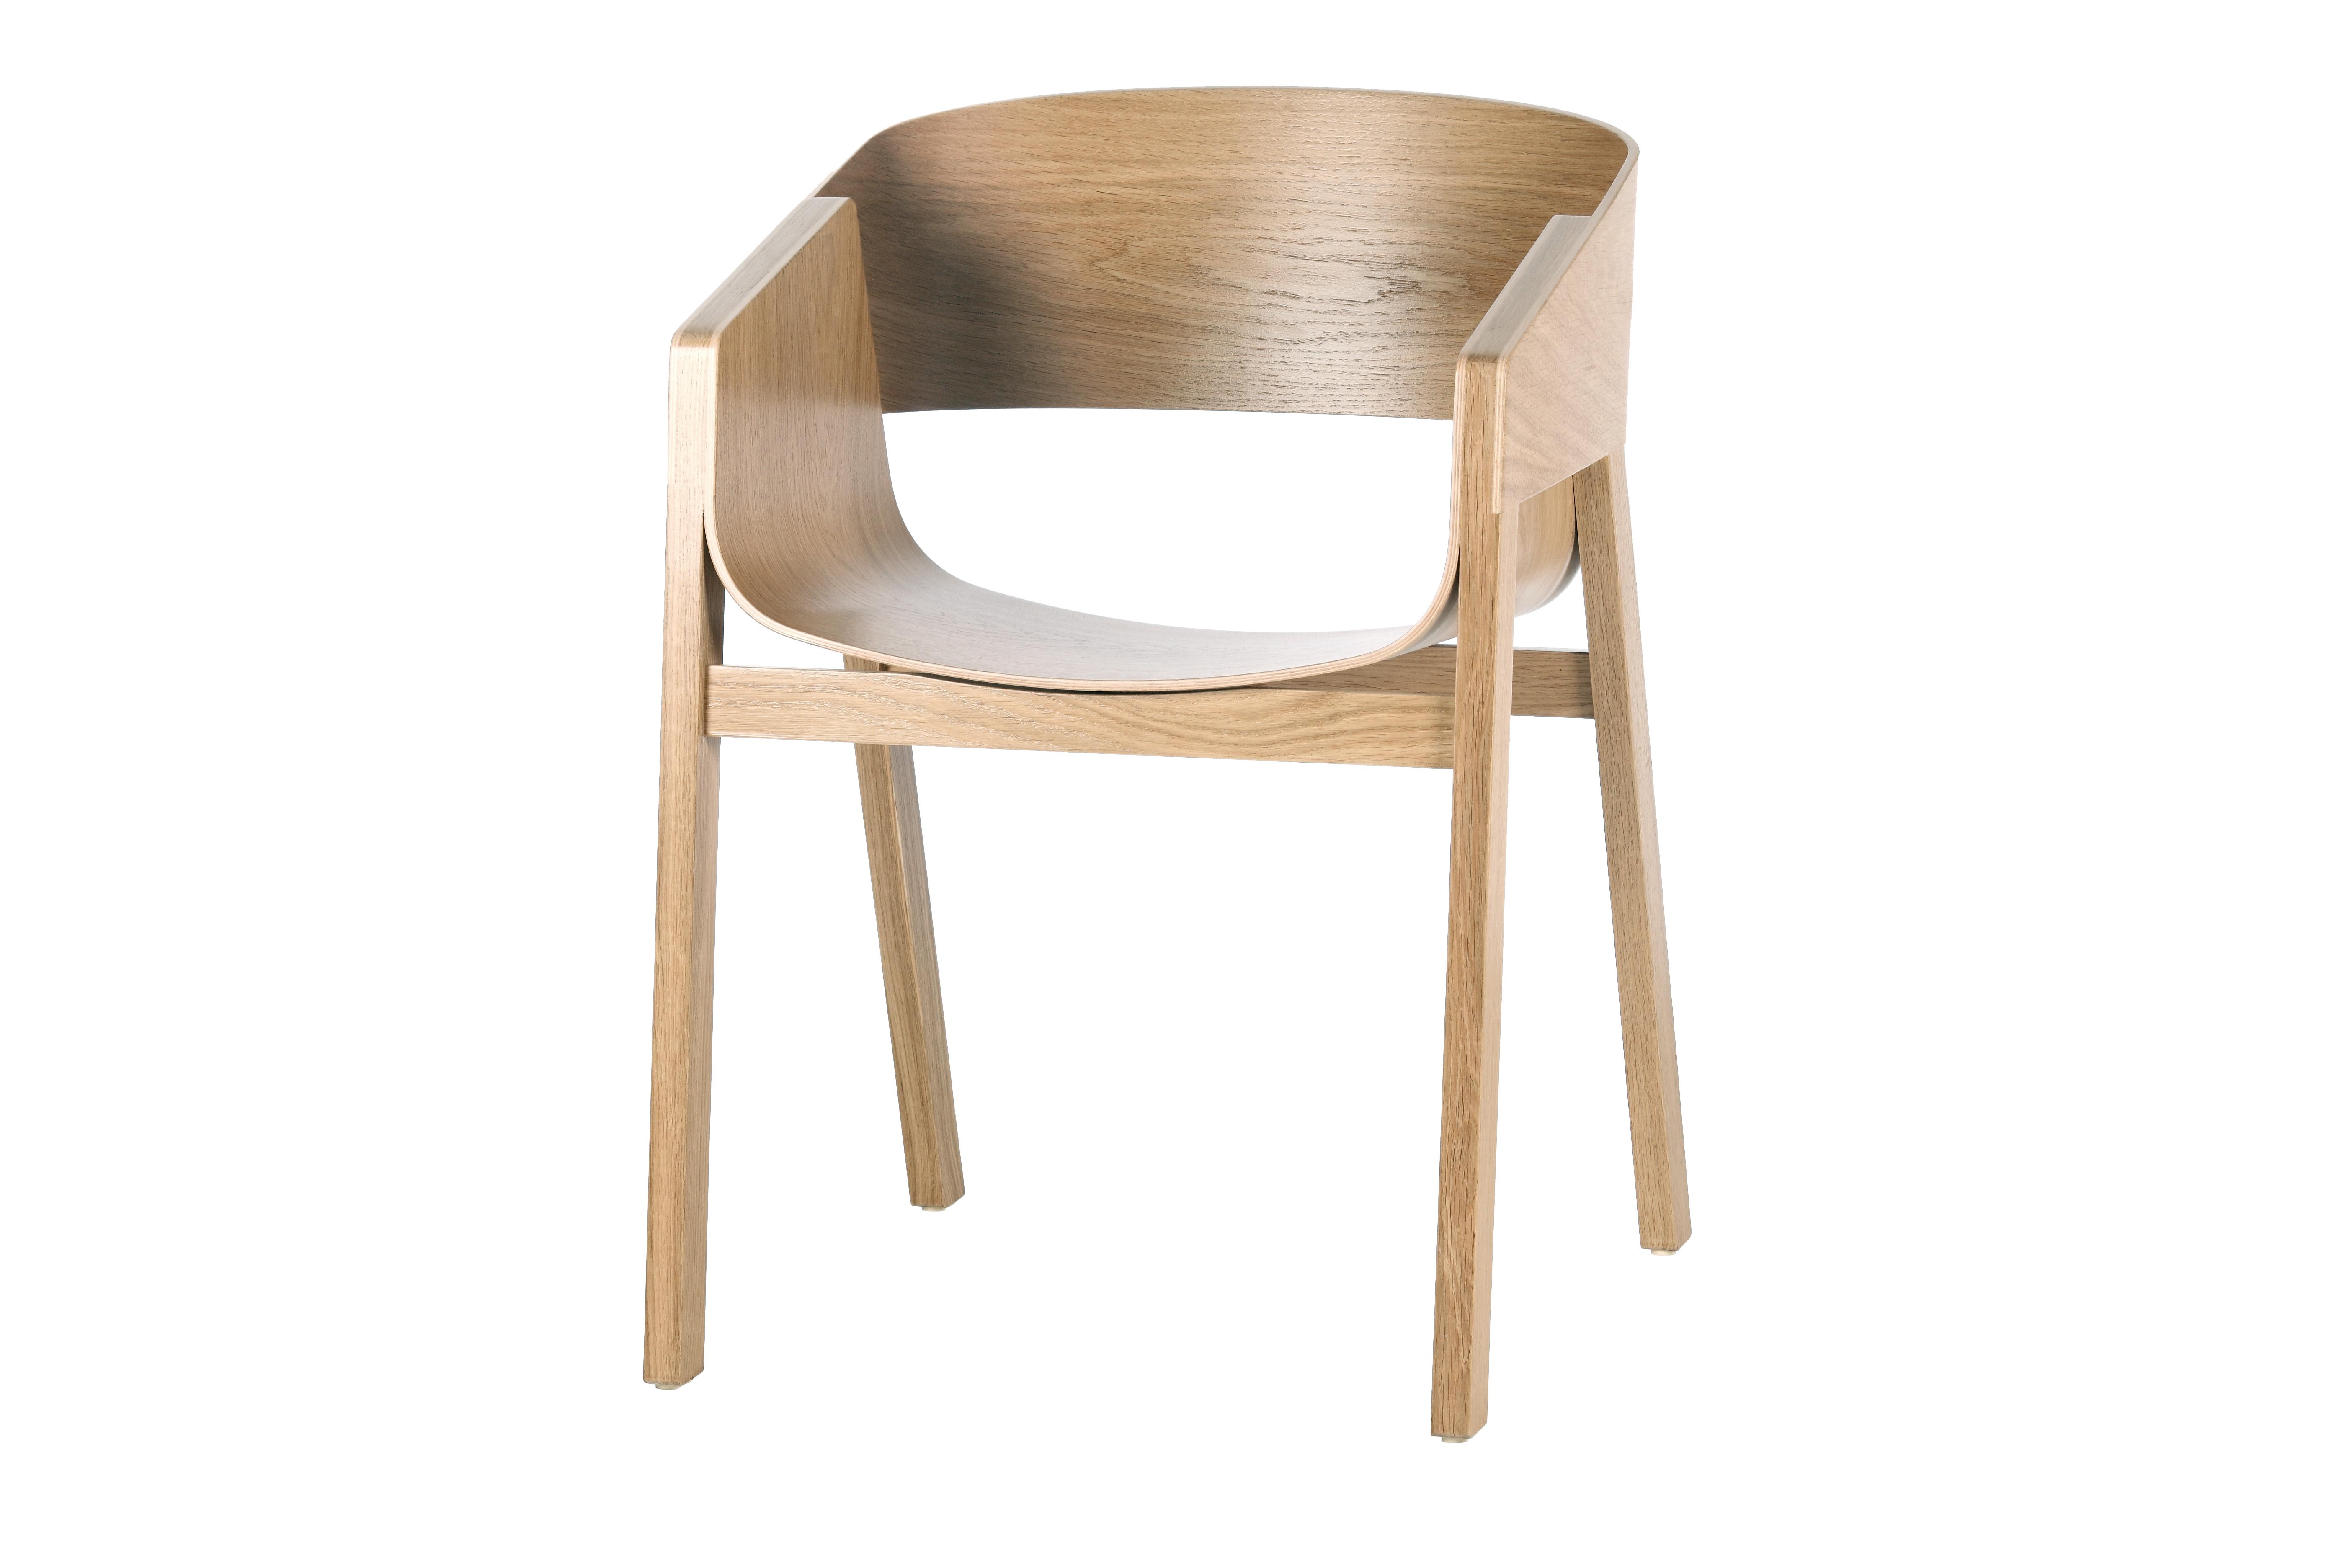 Scaun din lemn de stejar Merano Natural, l47,5xA39xH78 cm